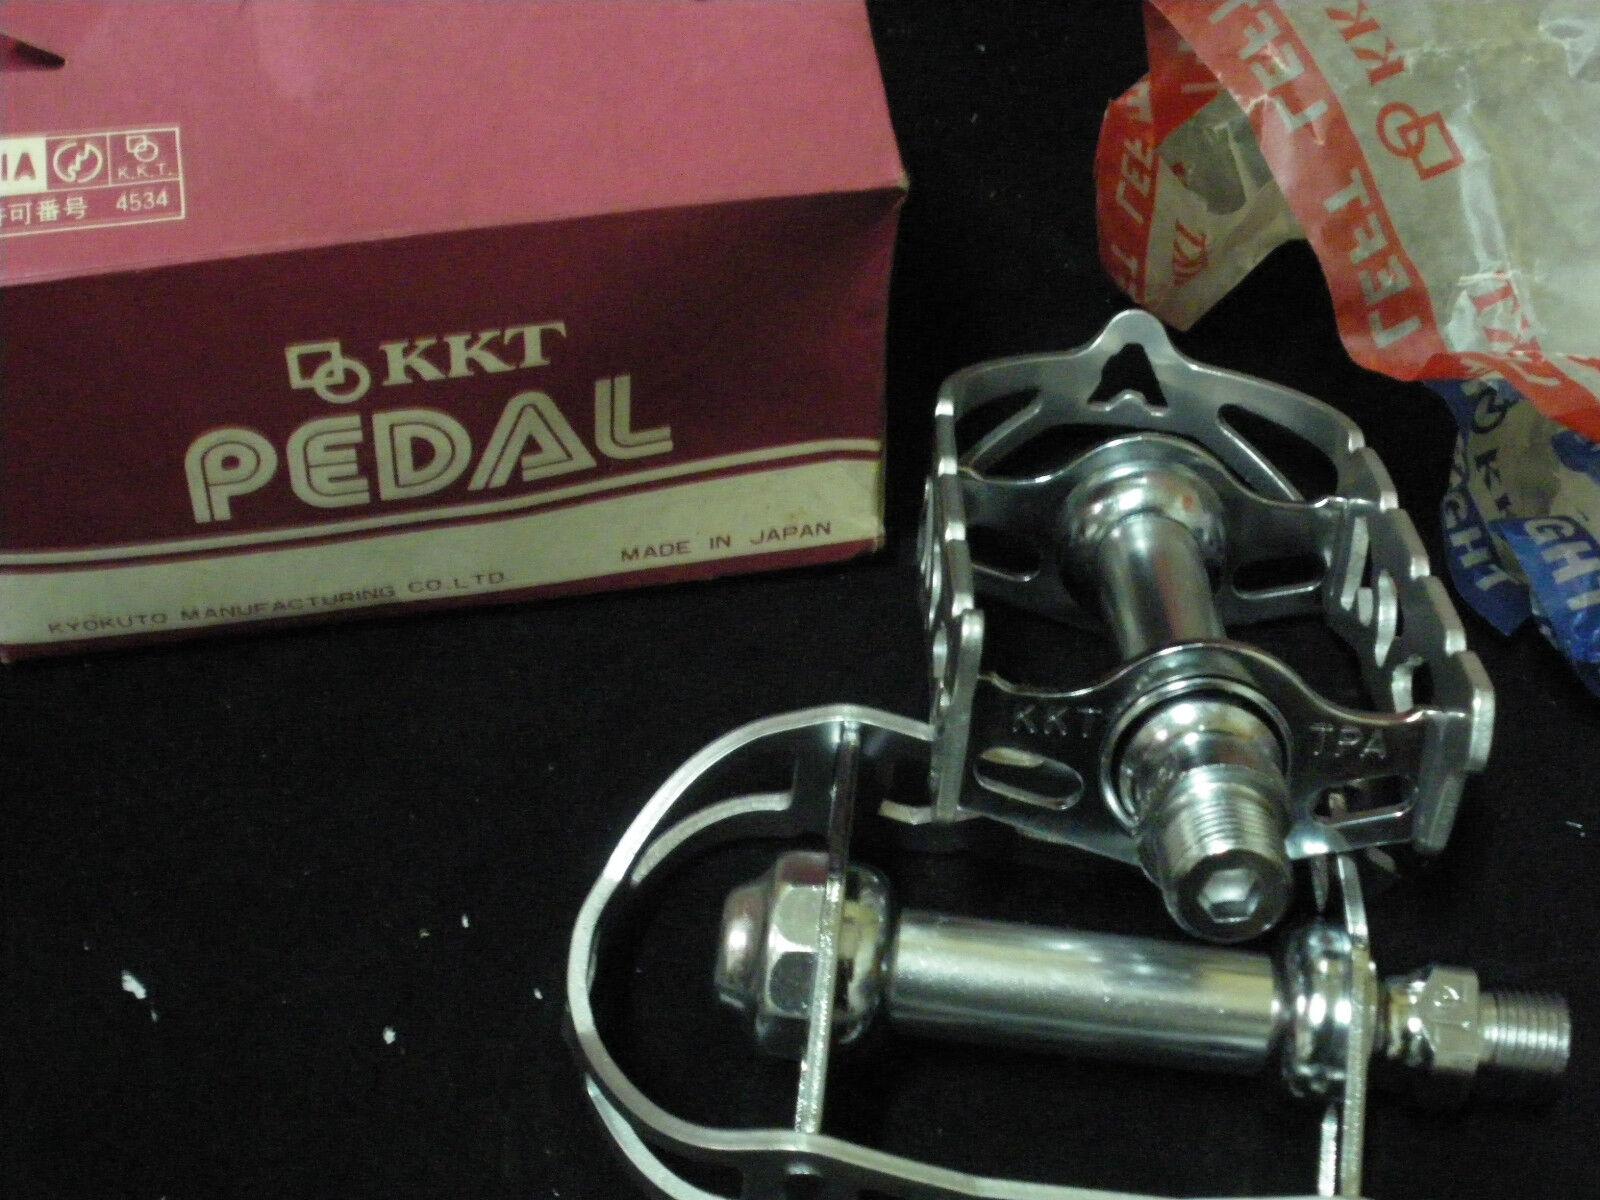 KYOKUTO KKT  TOP - RUN Bicycle Racing Pedals 9 16  Axle Vintage NOS  healthy